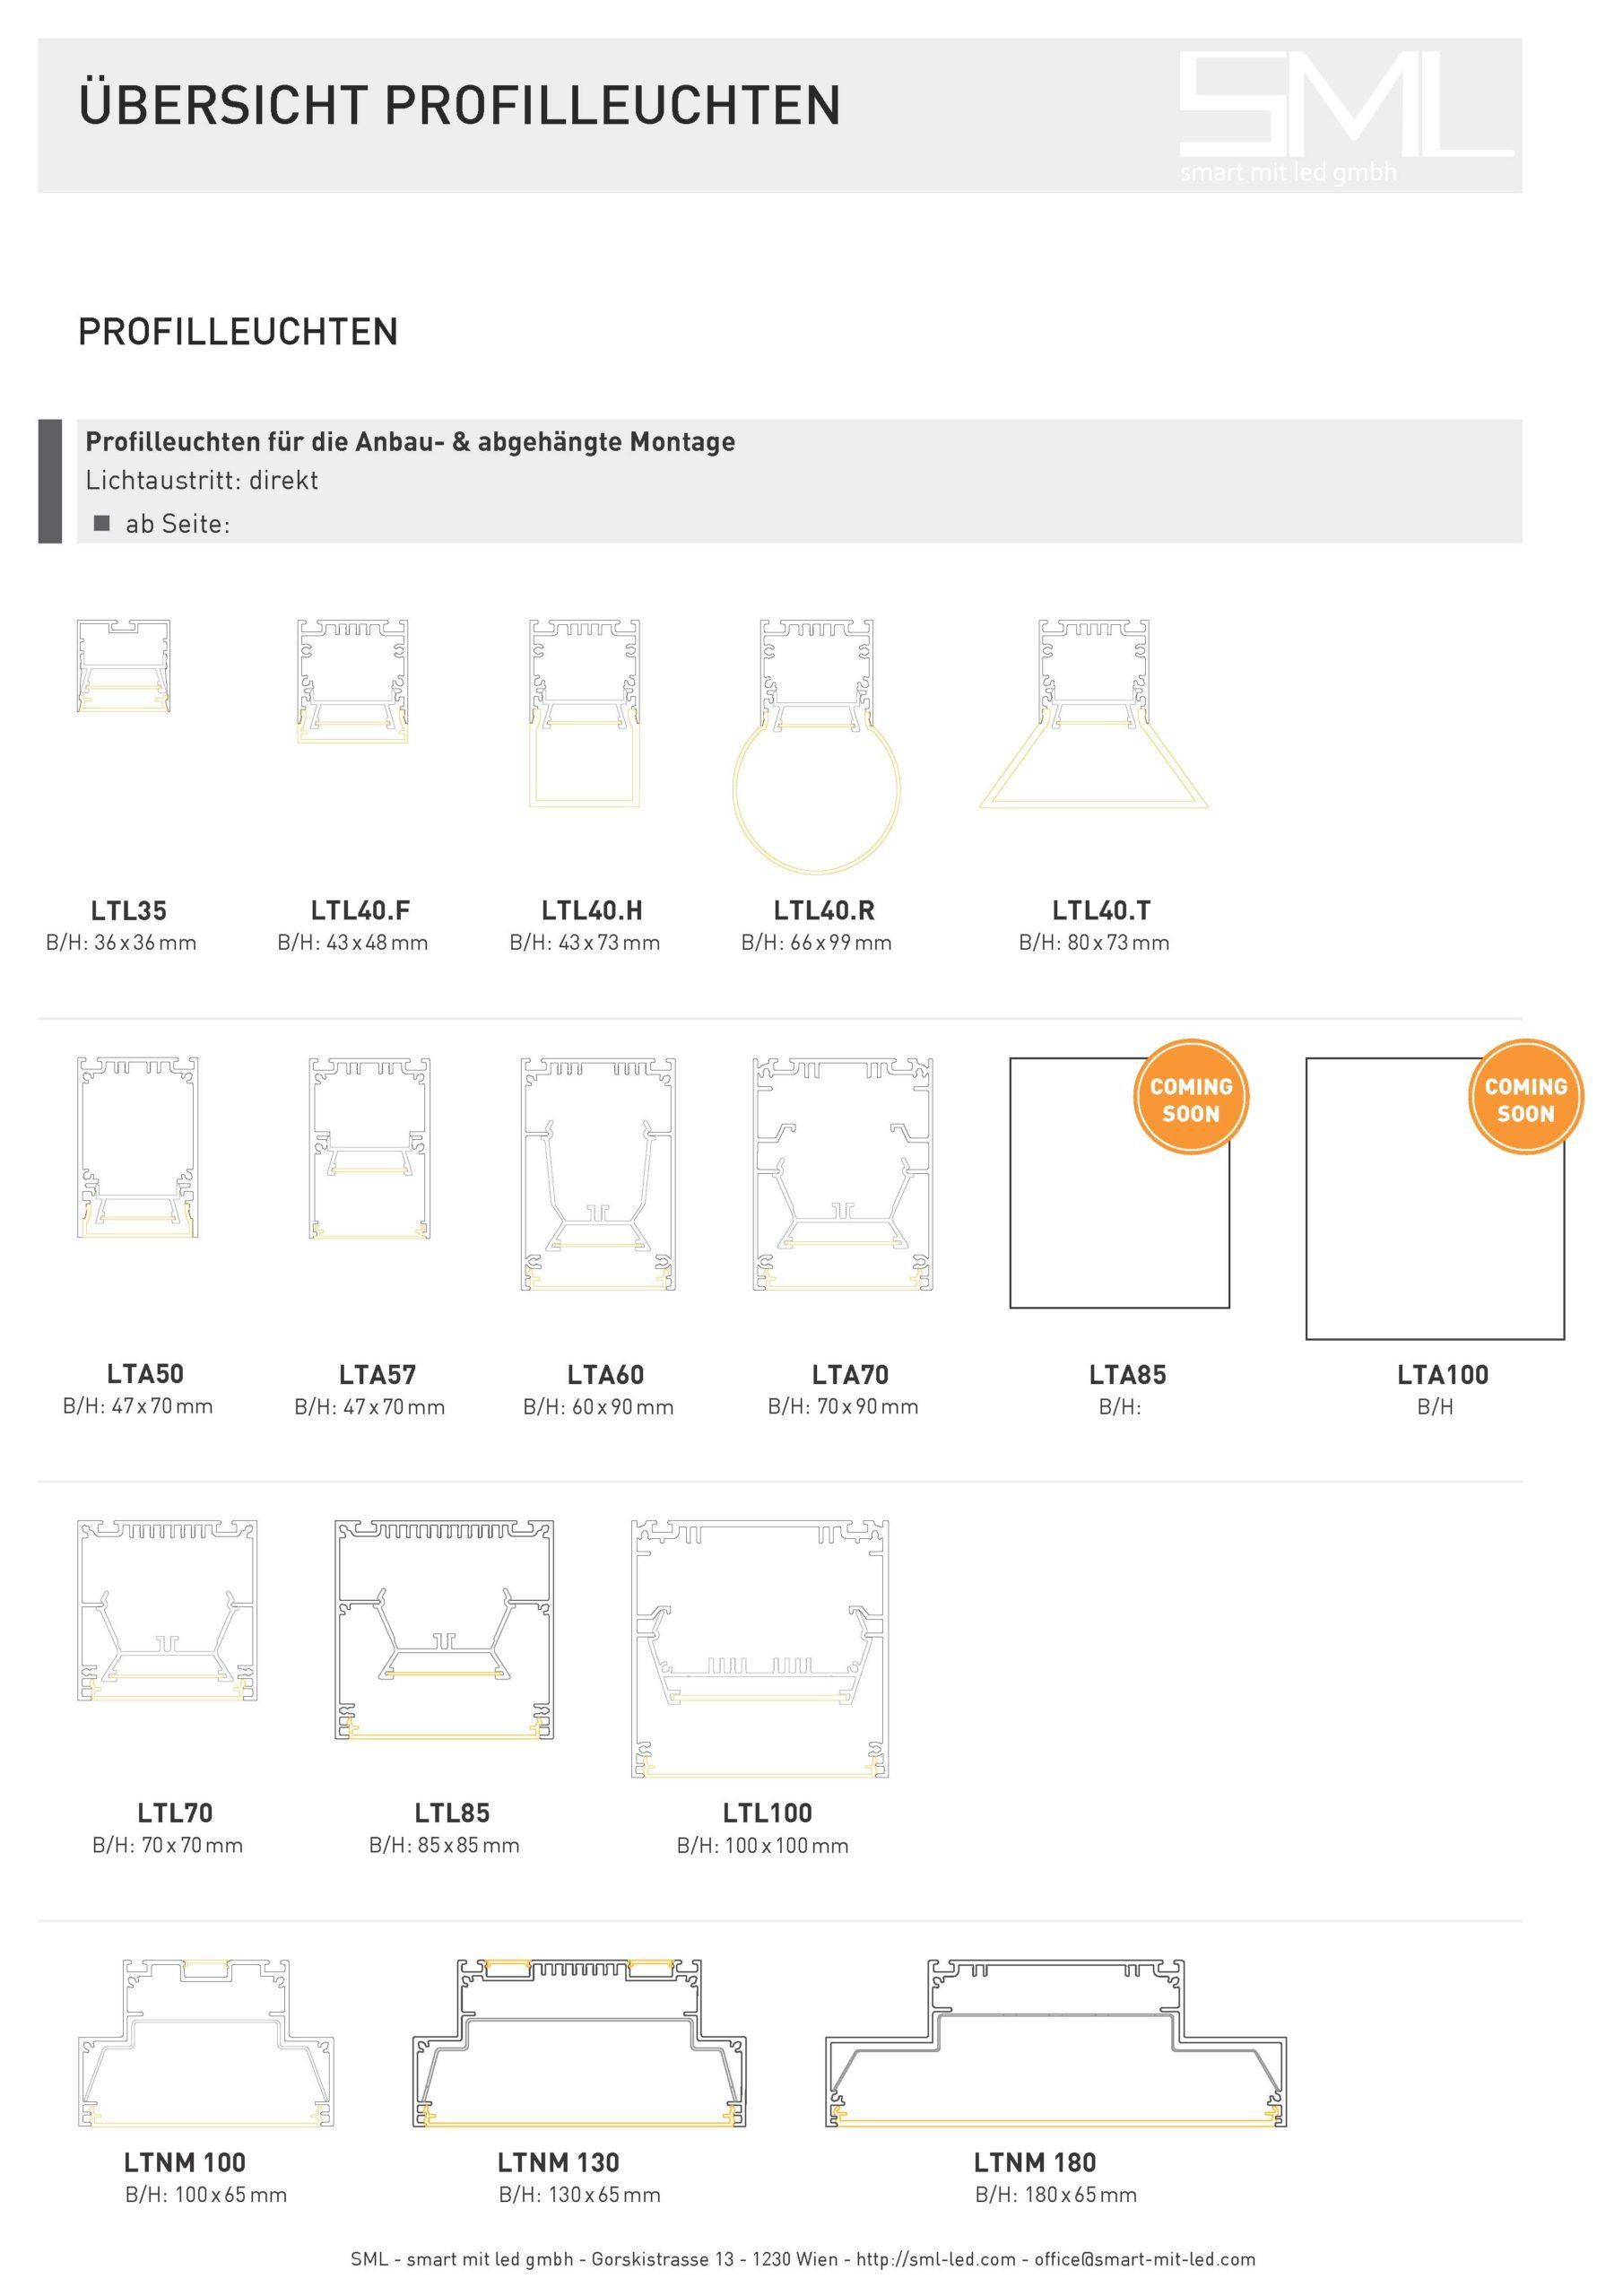 SML LED Profilleuchten Übersicht 1